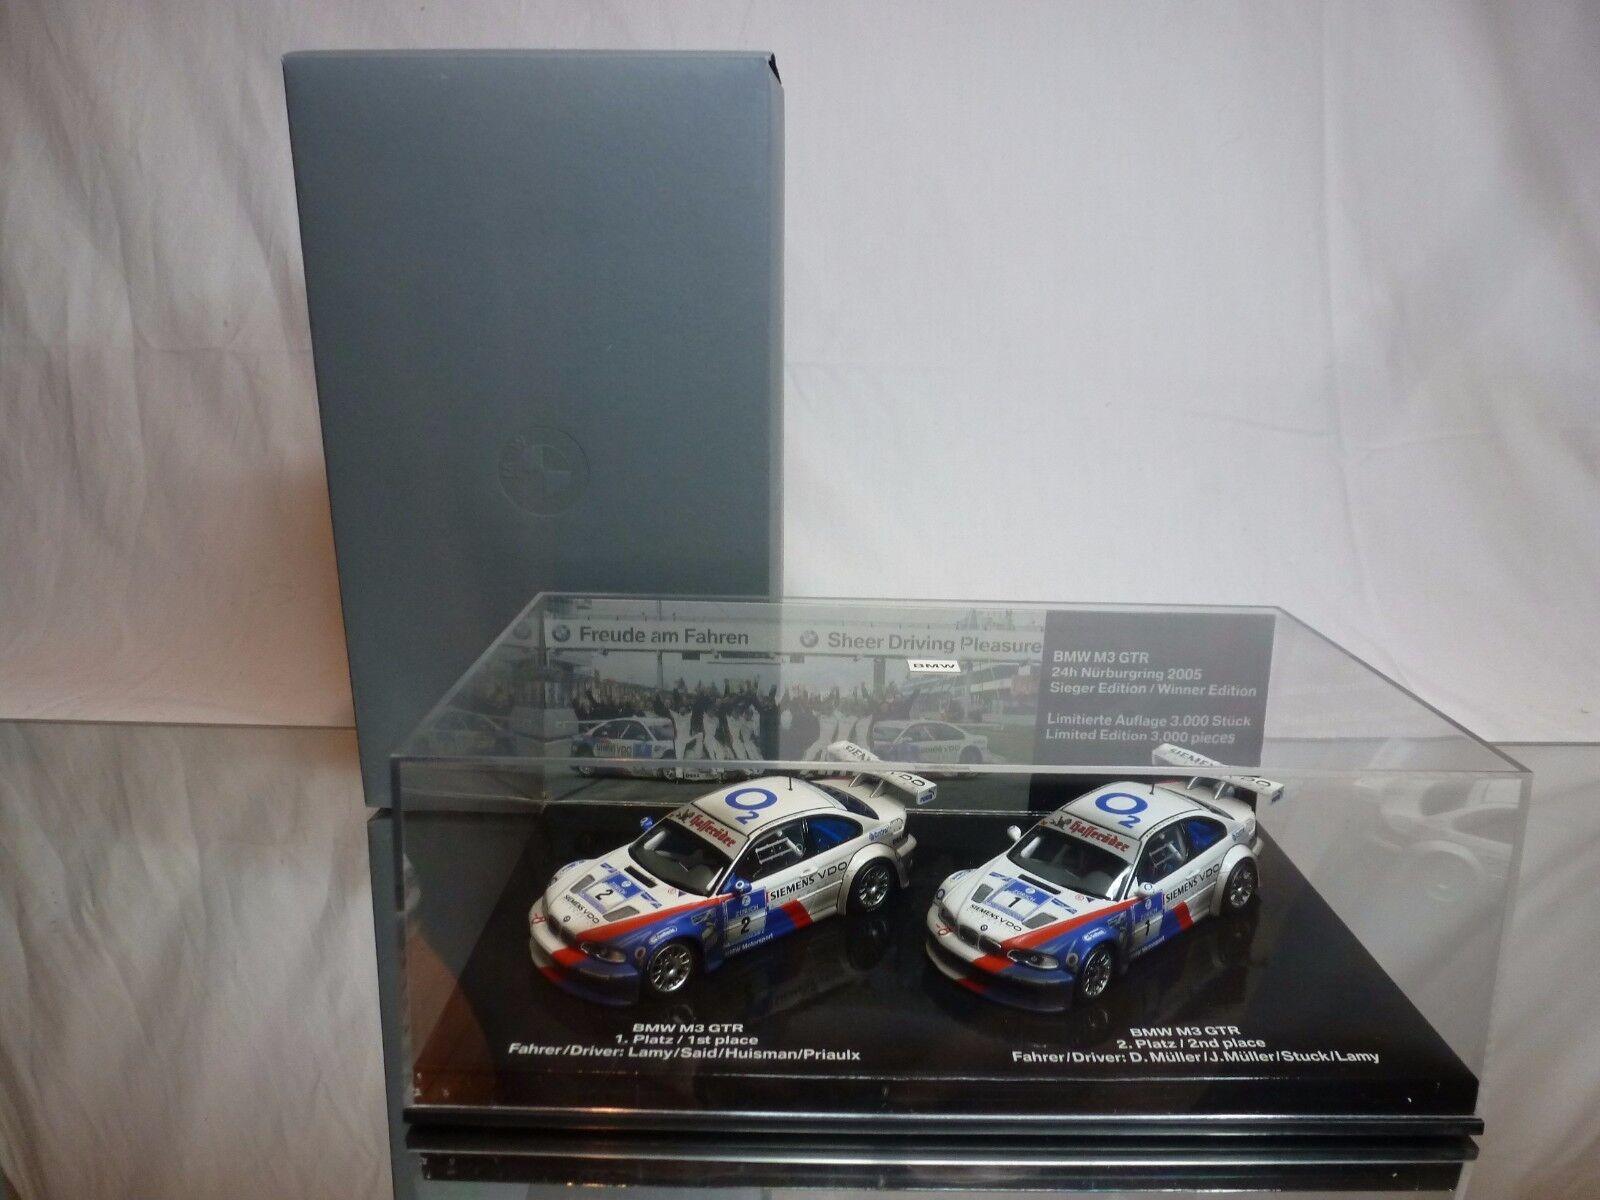 Mejor precio MINICHAMPS MINICHAMPS MINICHAMPS BMW 2x M3 GTR 24h NURBURGRING 2005 - 1 43 VERY RARE - EXCELLENT  a la venta